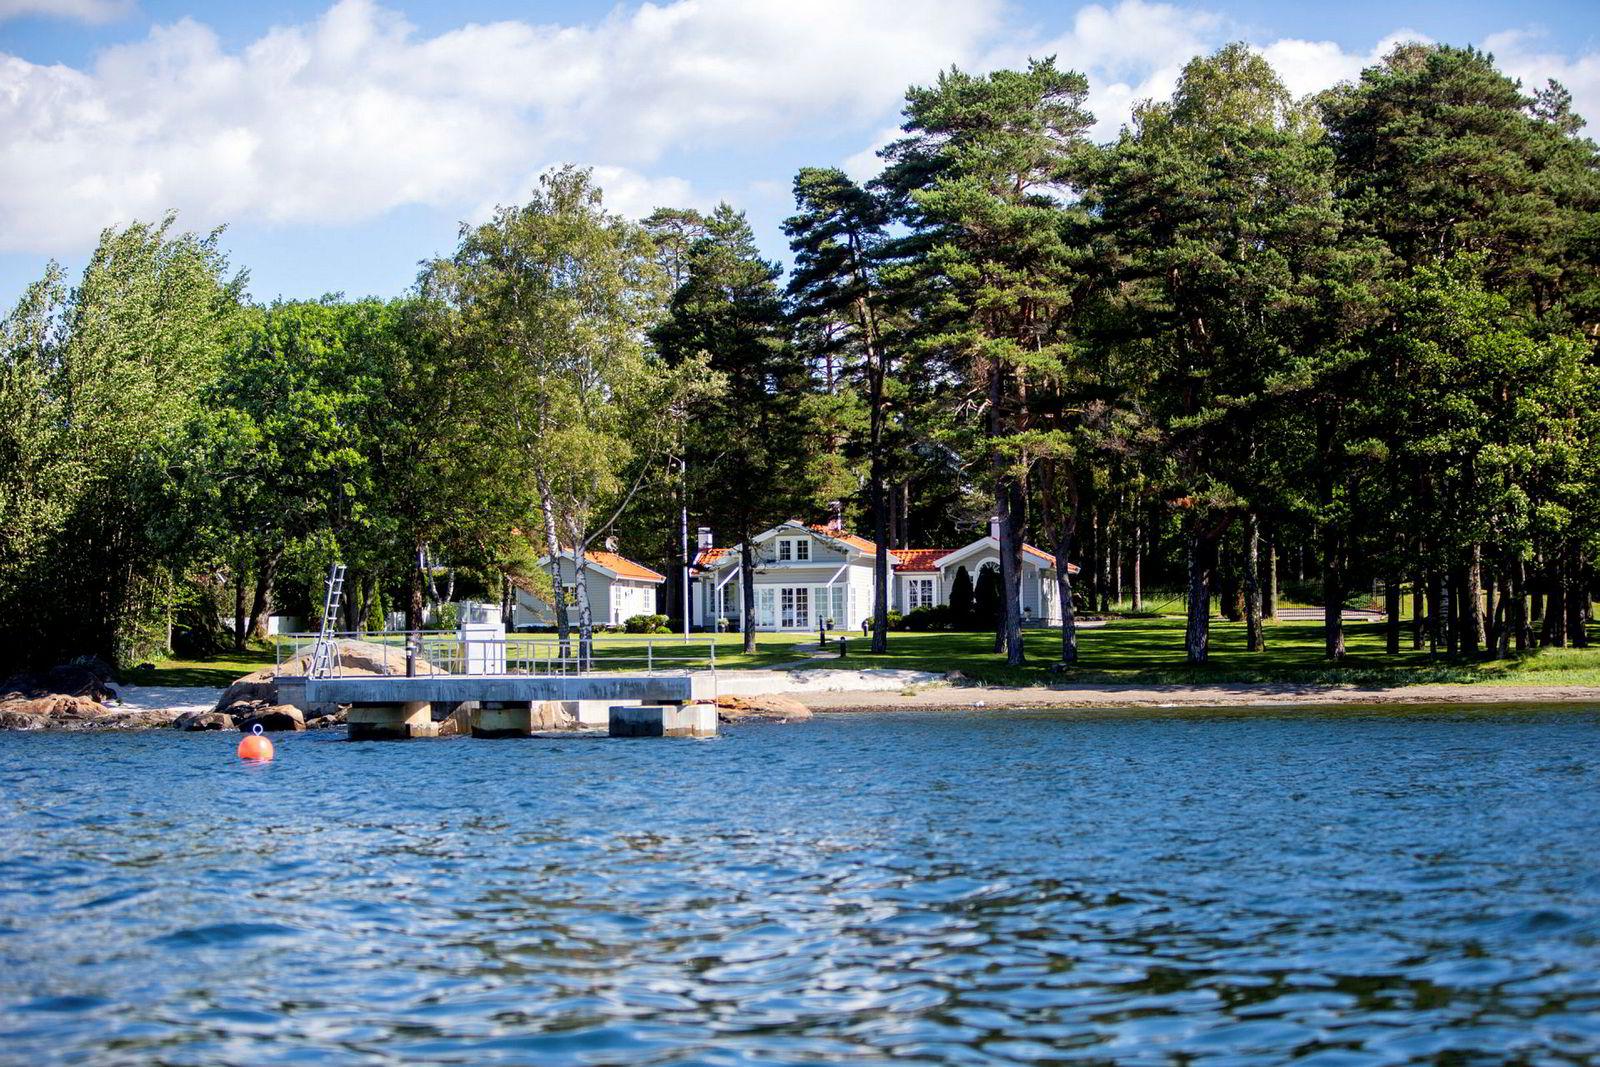 Brian Ole Jepsen ga 33 millioner kroner for eiendommen i Sandefjord.